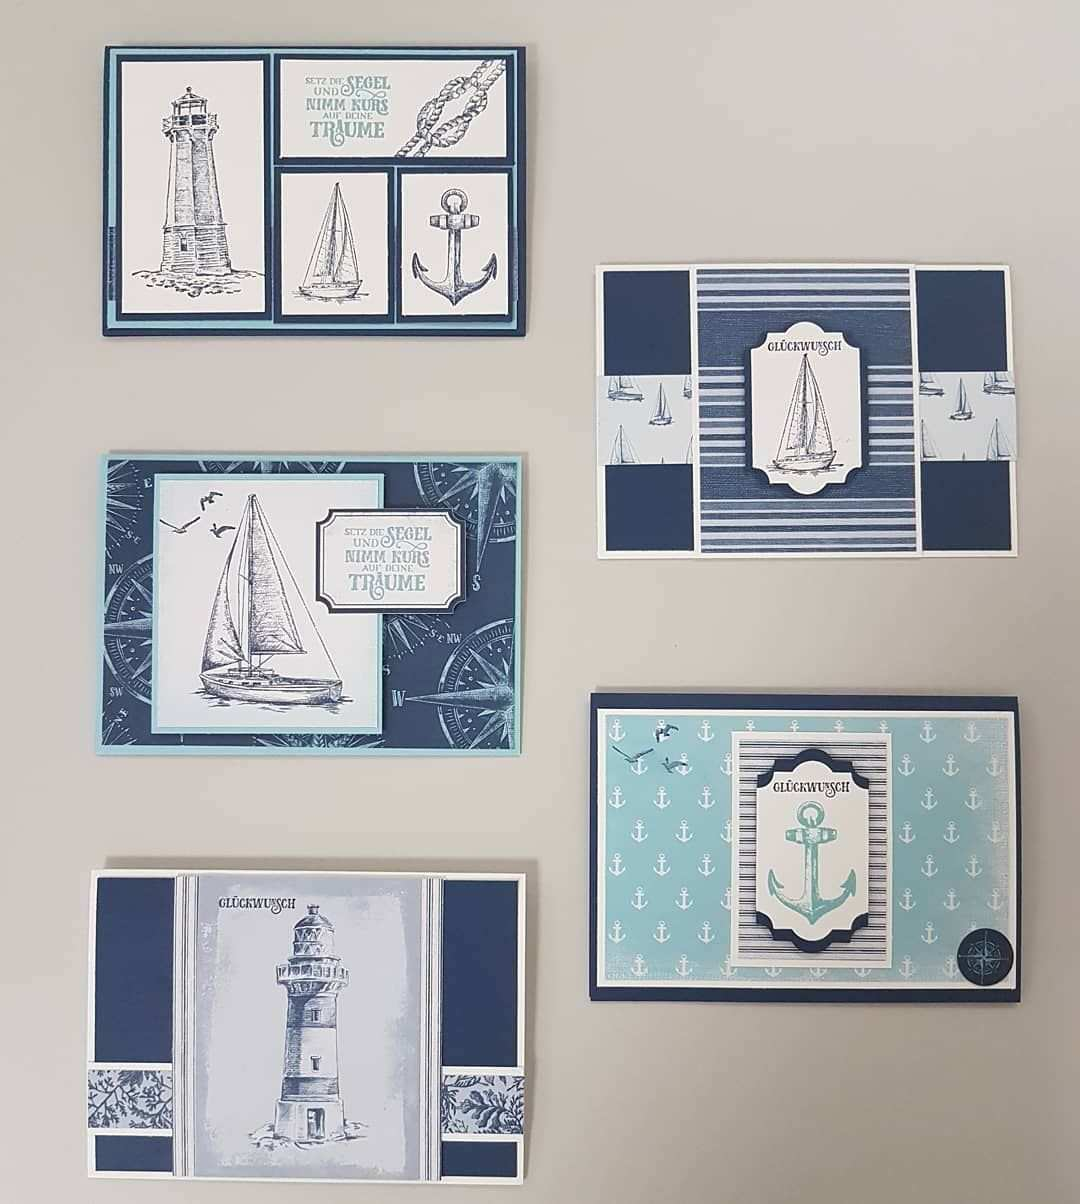 Sheila Prohl On Instagram Ich Liebe Maritime Karten Meerdermoglichkeiten Comesailaway Stampinup Nautische Karten Karten Basteln Karten Basteln Vorlagen